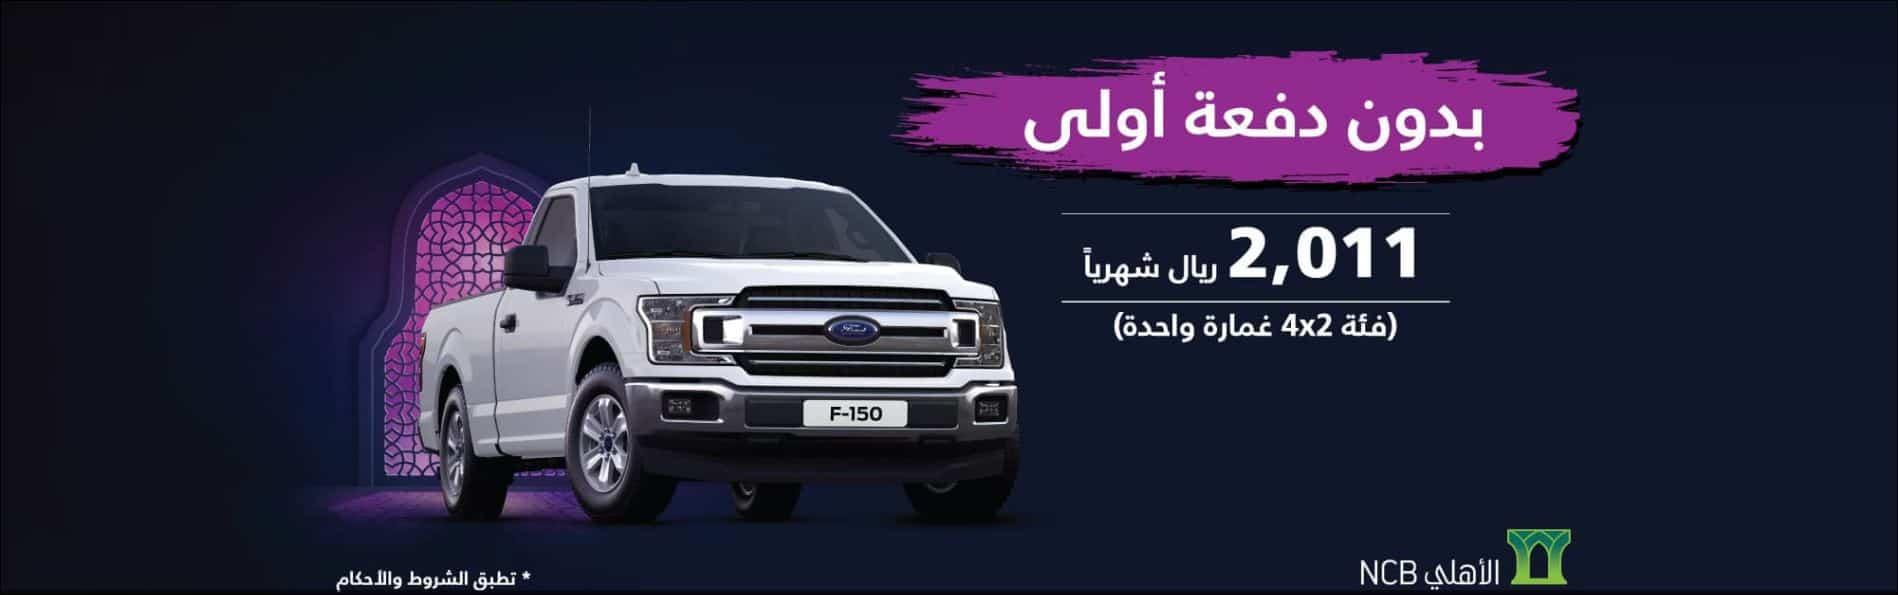 عروض السيارات السعودية توكيلات الجزيرة فورد 150-F